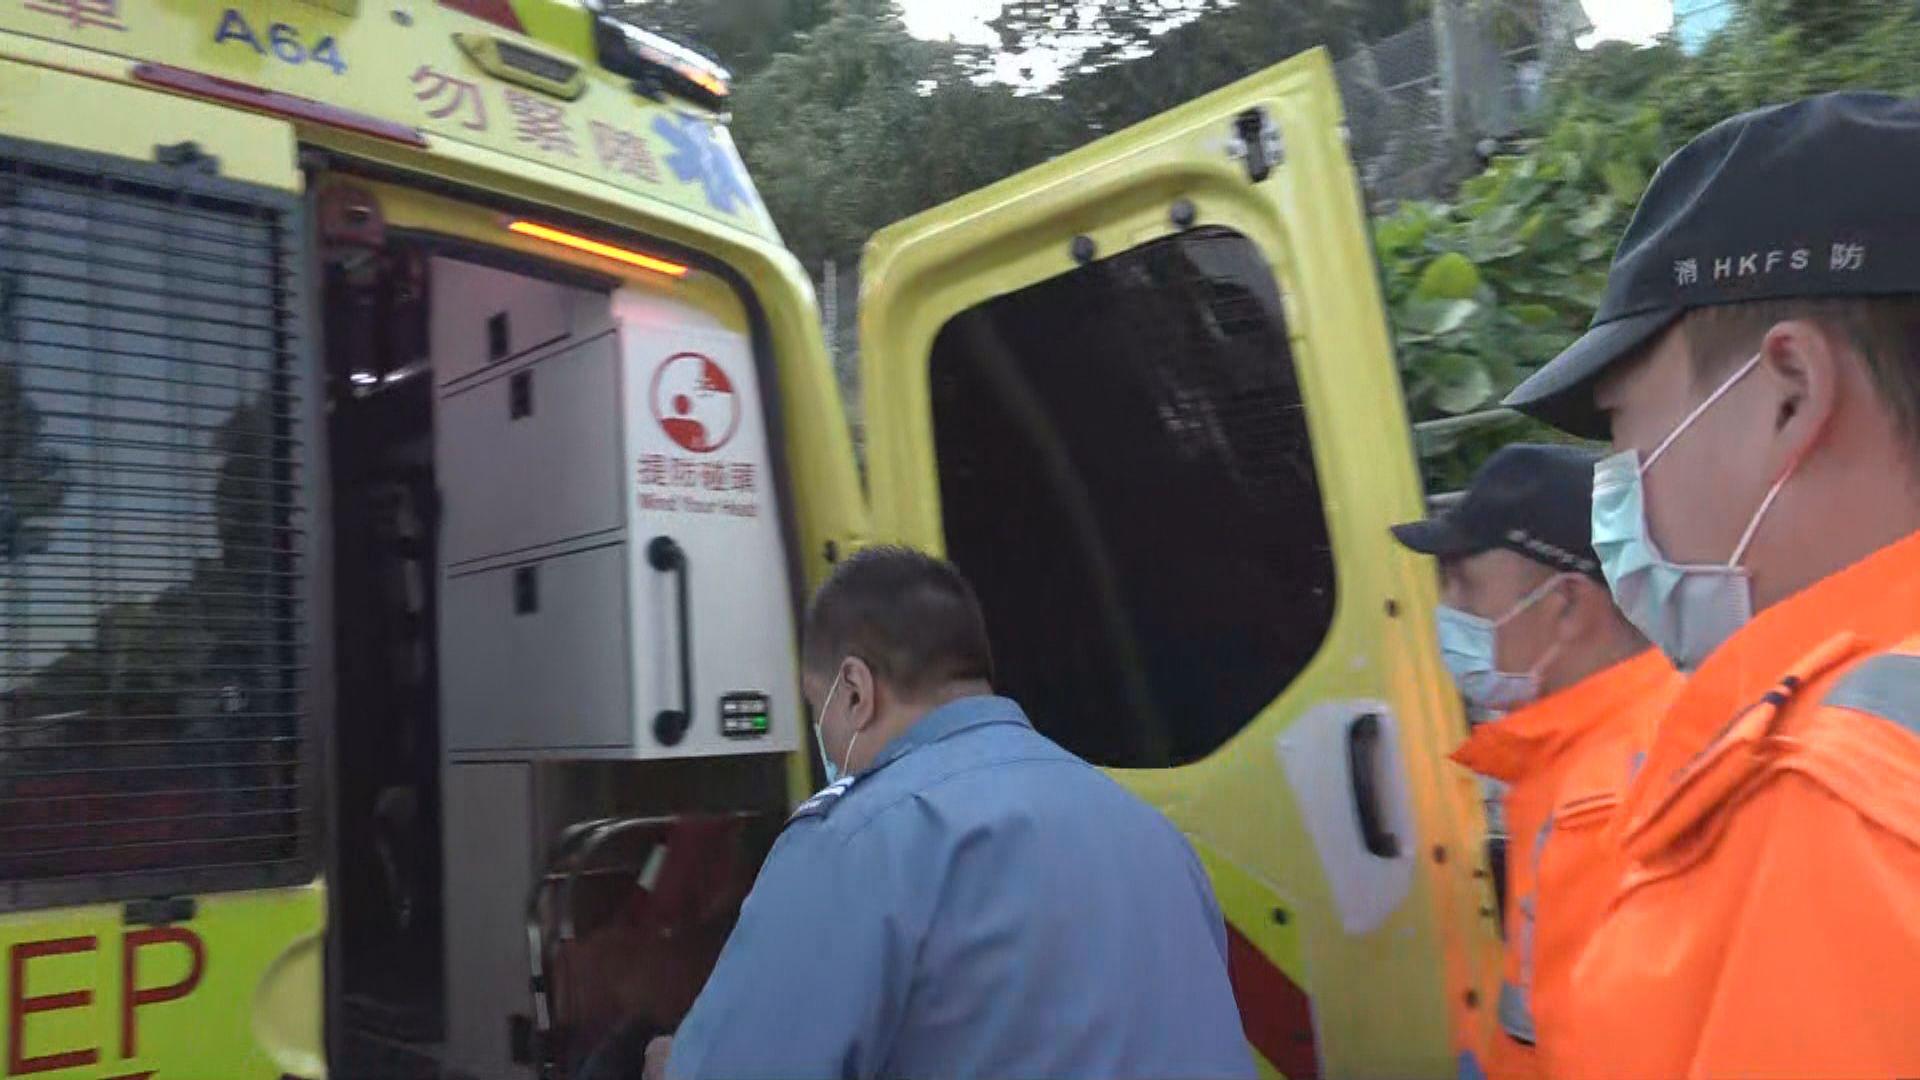 西貢交通意外 消防車司機涉危險駕駛被捕